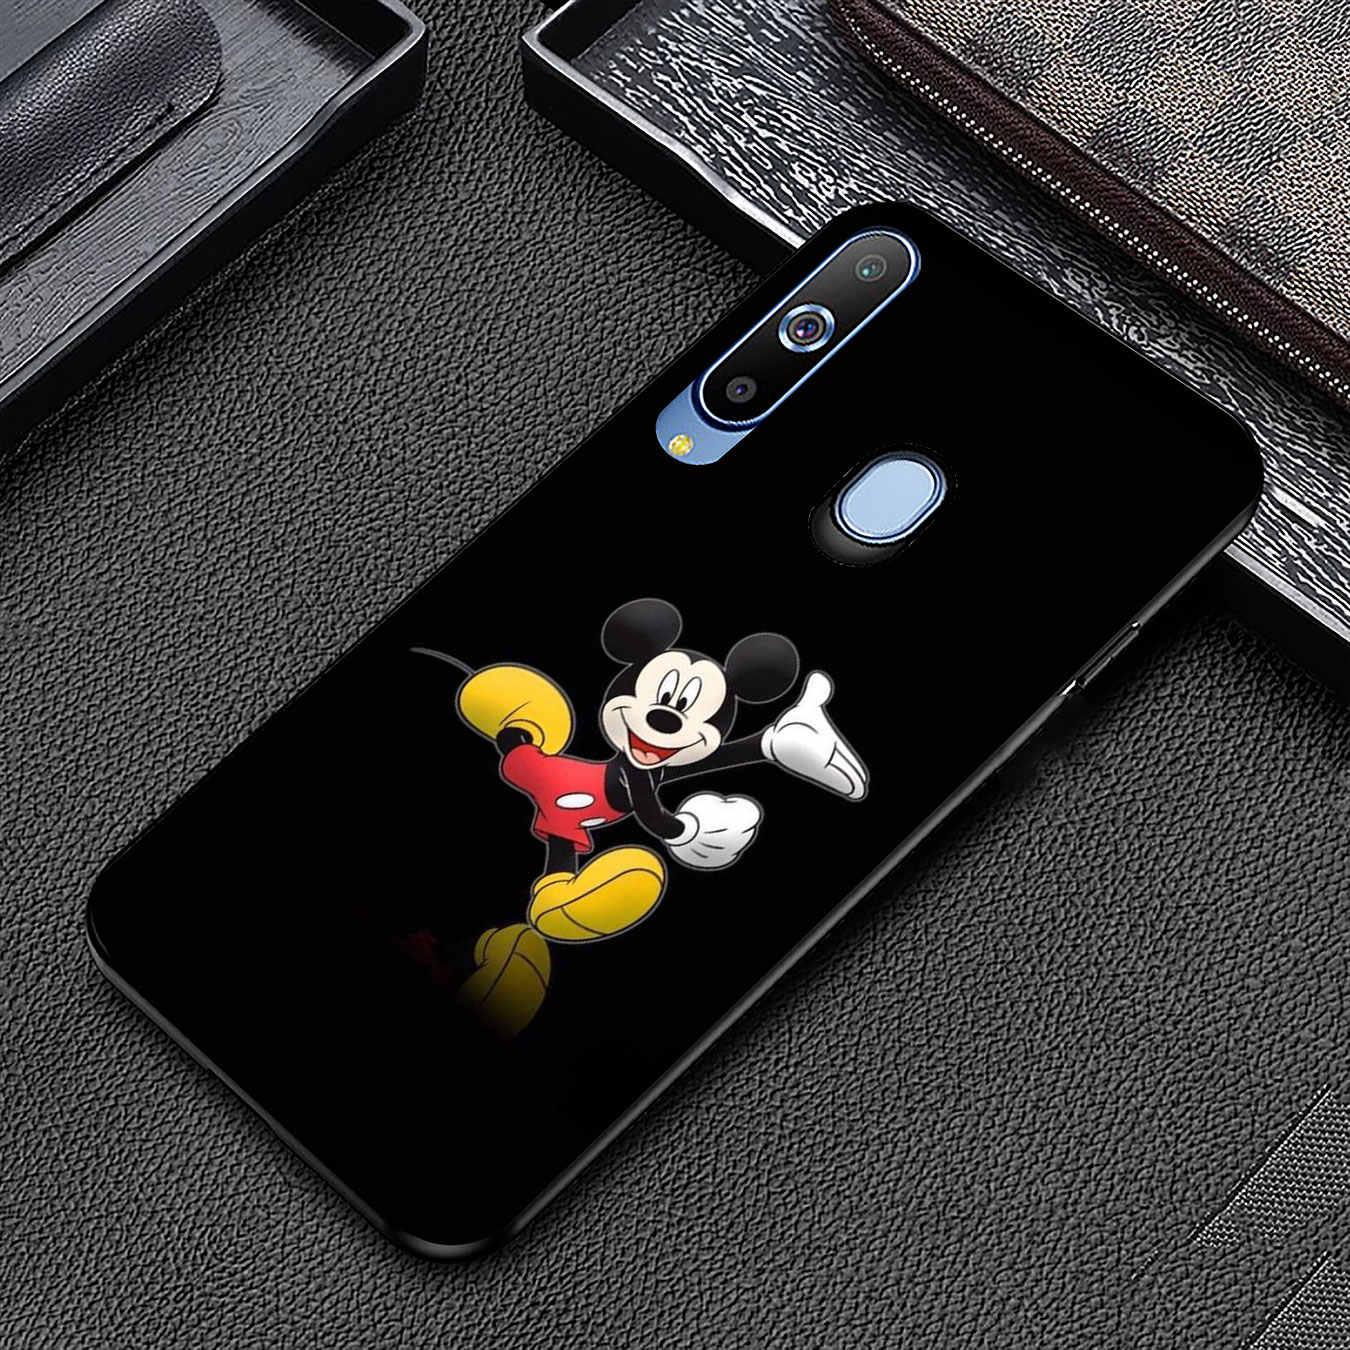 Мягкий силиконовый чехол с Микки Маус для samsung Galaxy A70 A60 A50 A40 A30 A20 A10 M10 M20 M30 M40